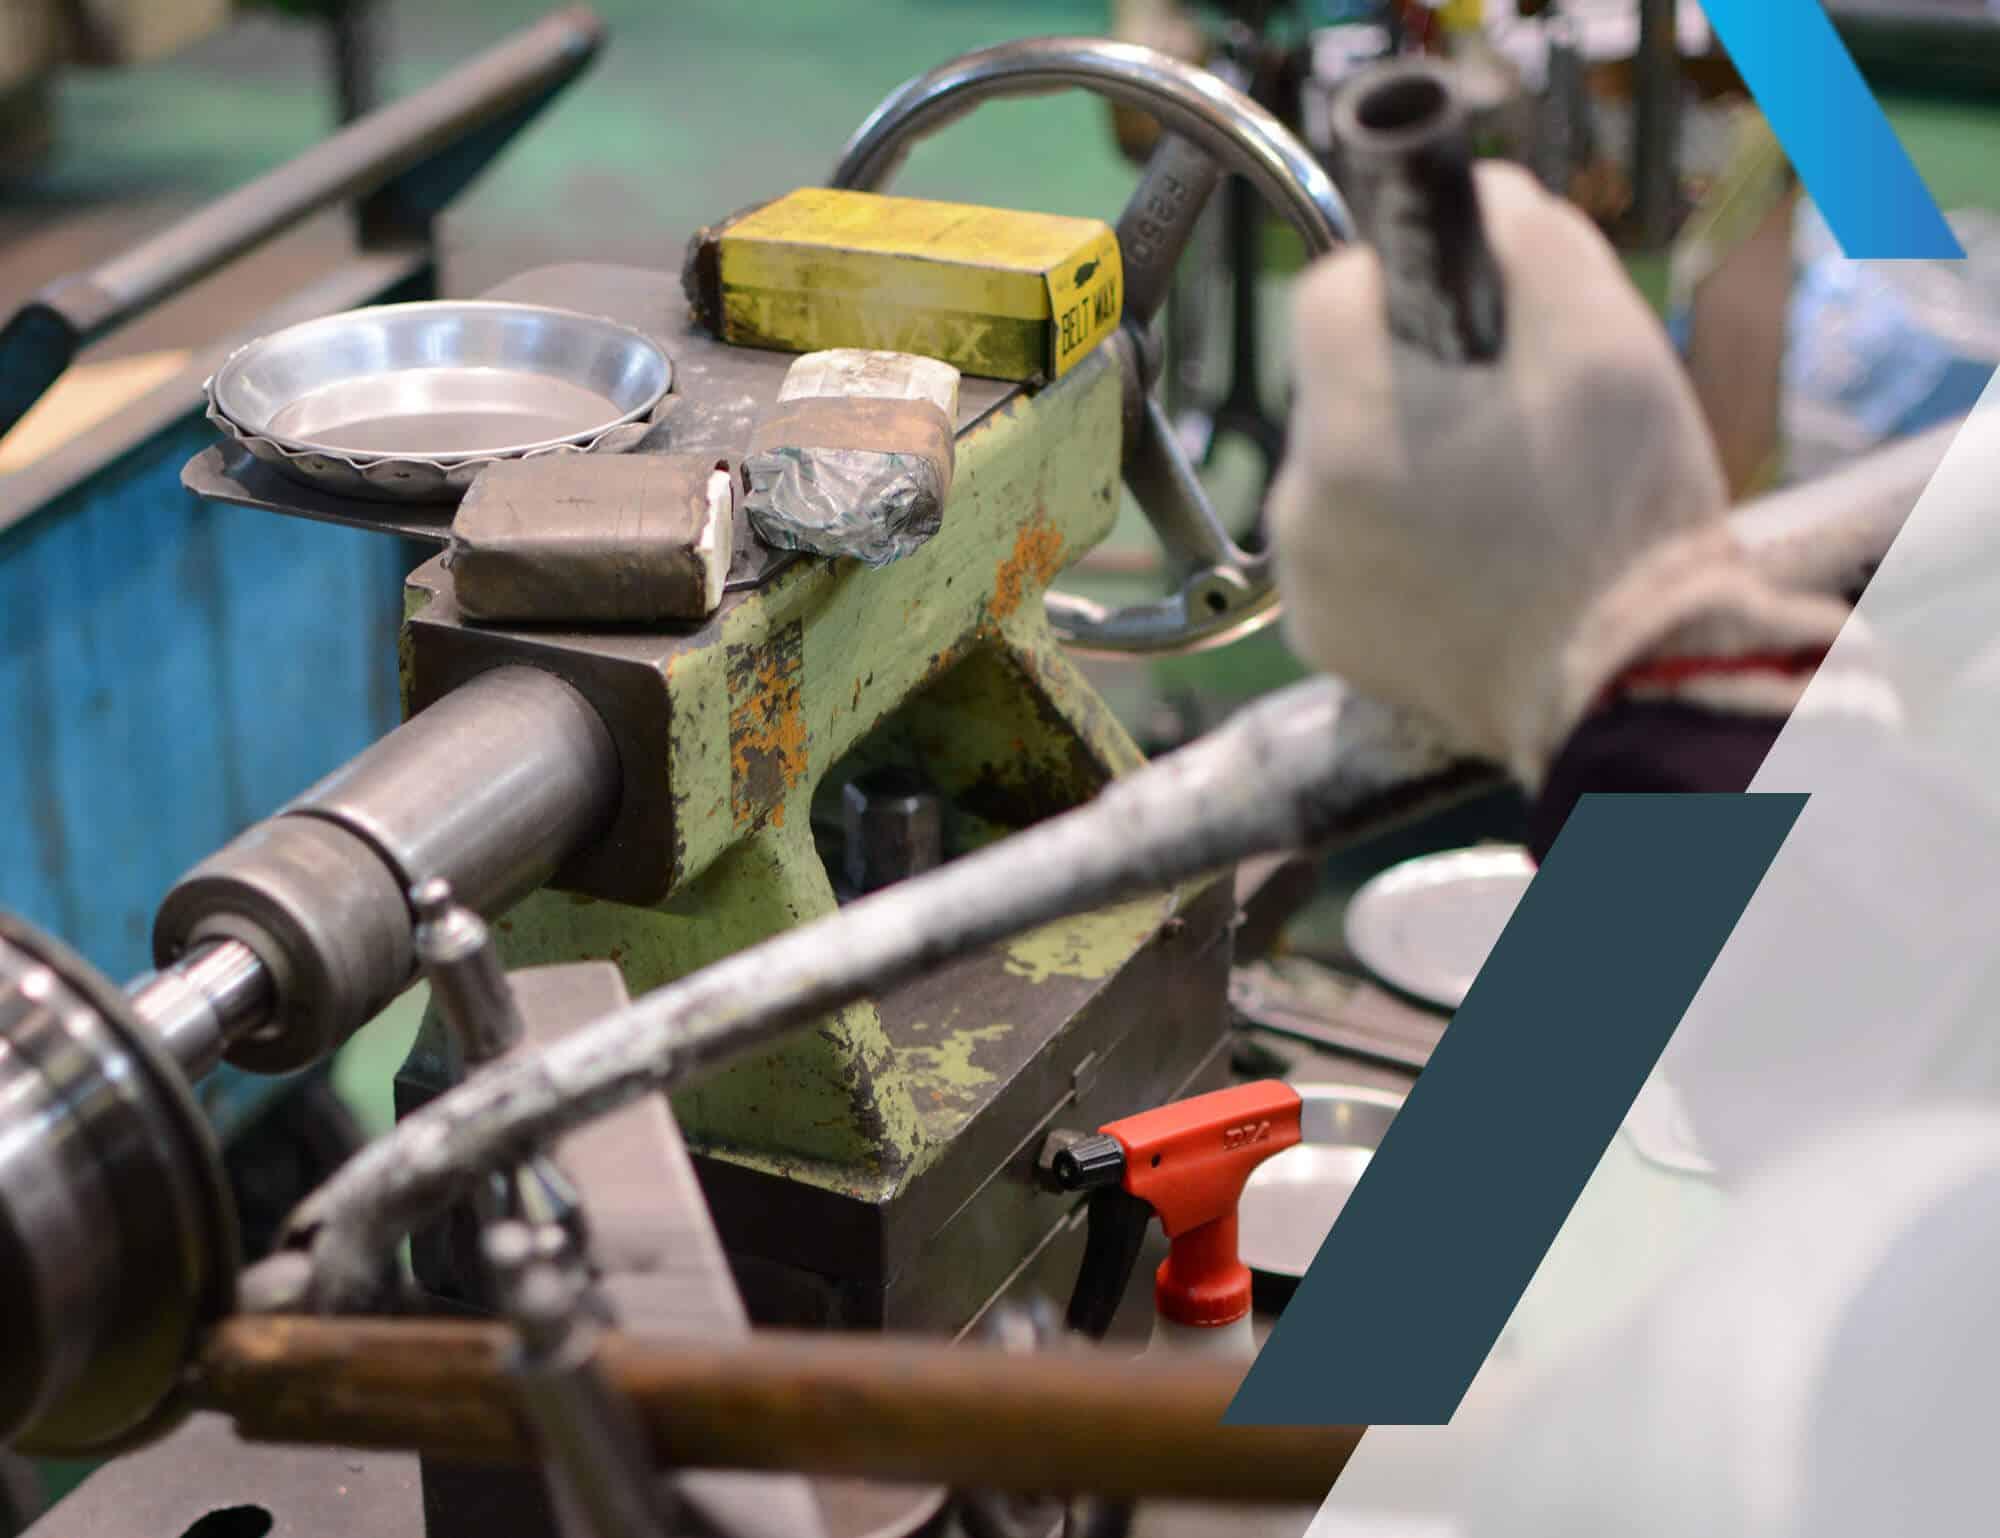 Un ouvrier utilise une machine dans une usine